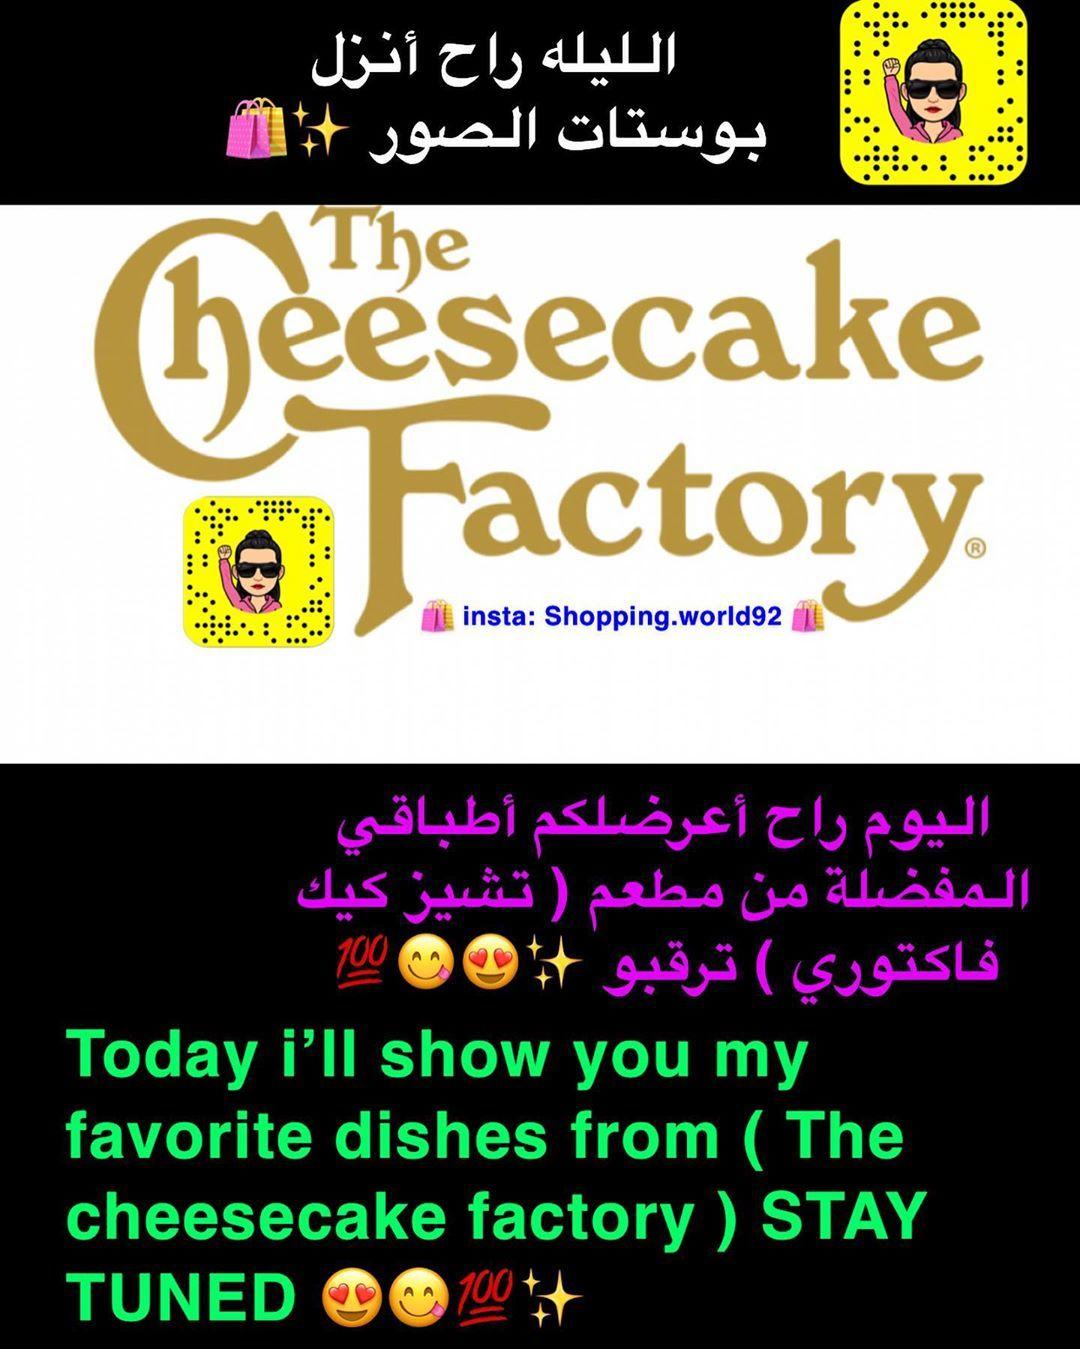 اليوم راح اعرضلكم أطباقي المفضله من مطعم تشيز كيك فاكتوري بستوري انستقرام وبالسناب ترقبوو Cheesecak Food اكلات Favorite Dish Food Cheesecake